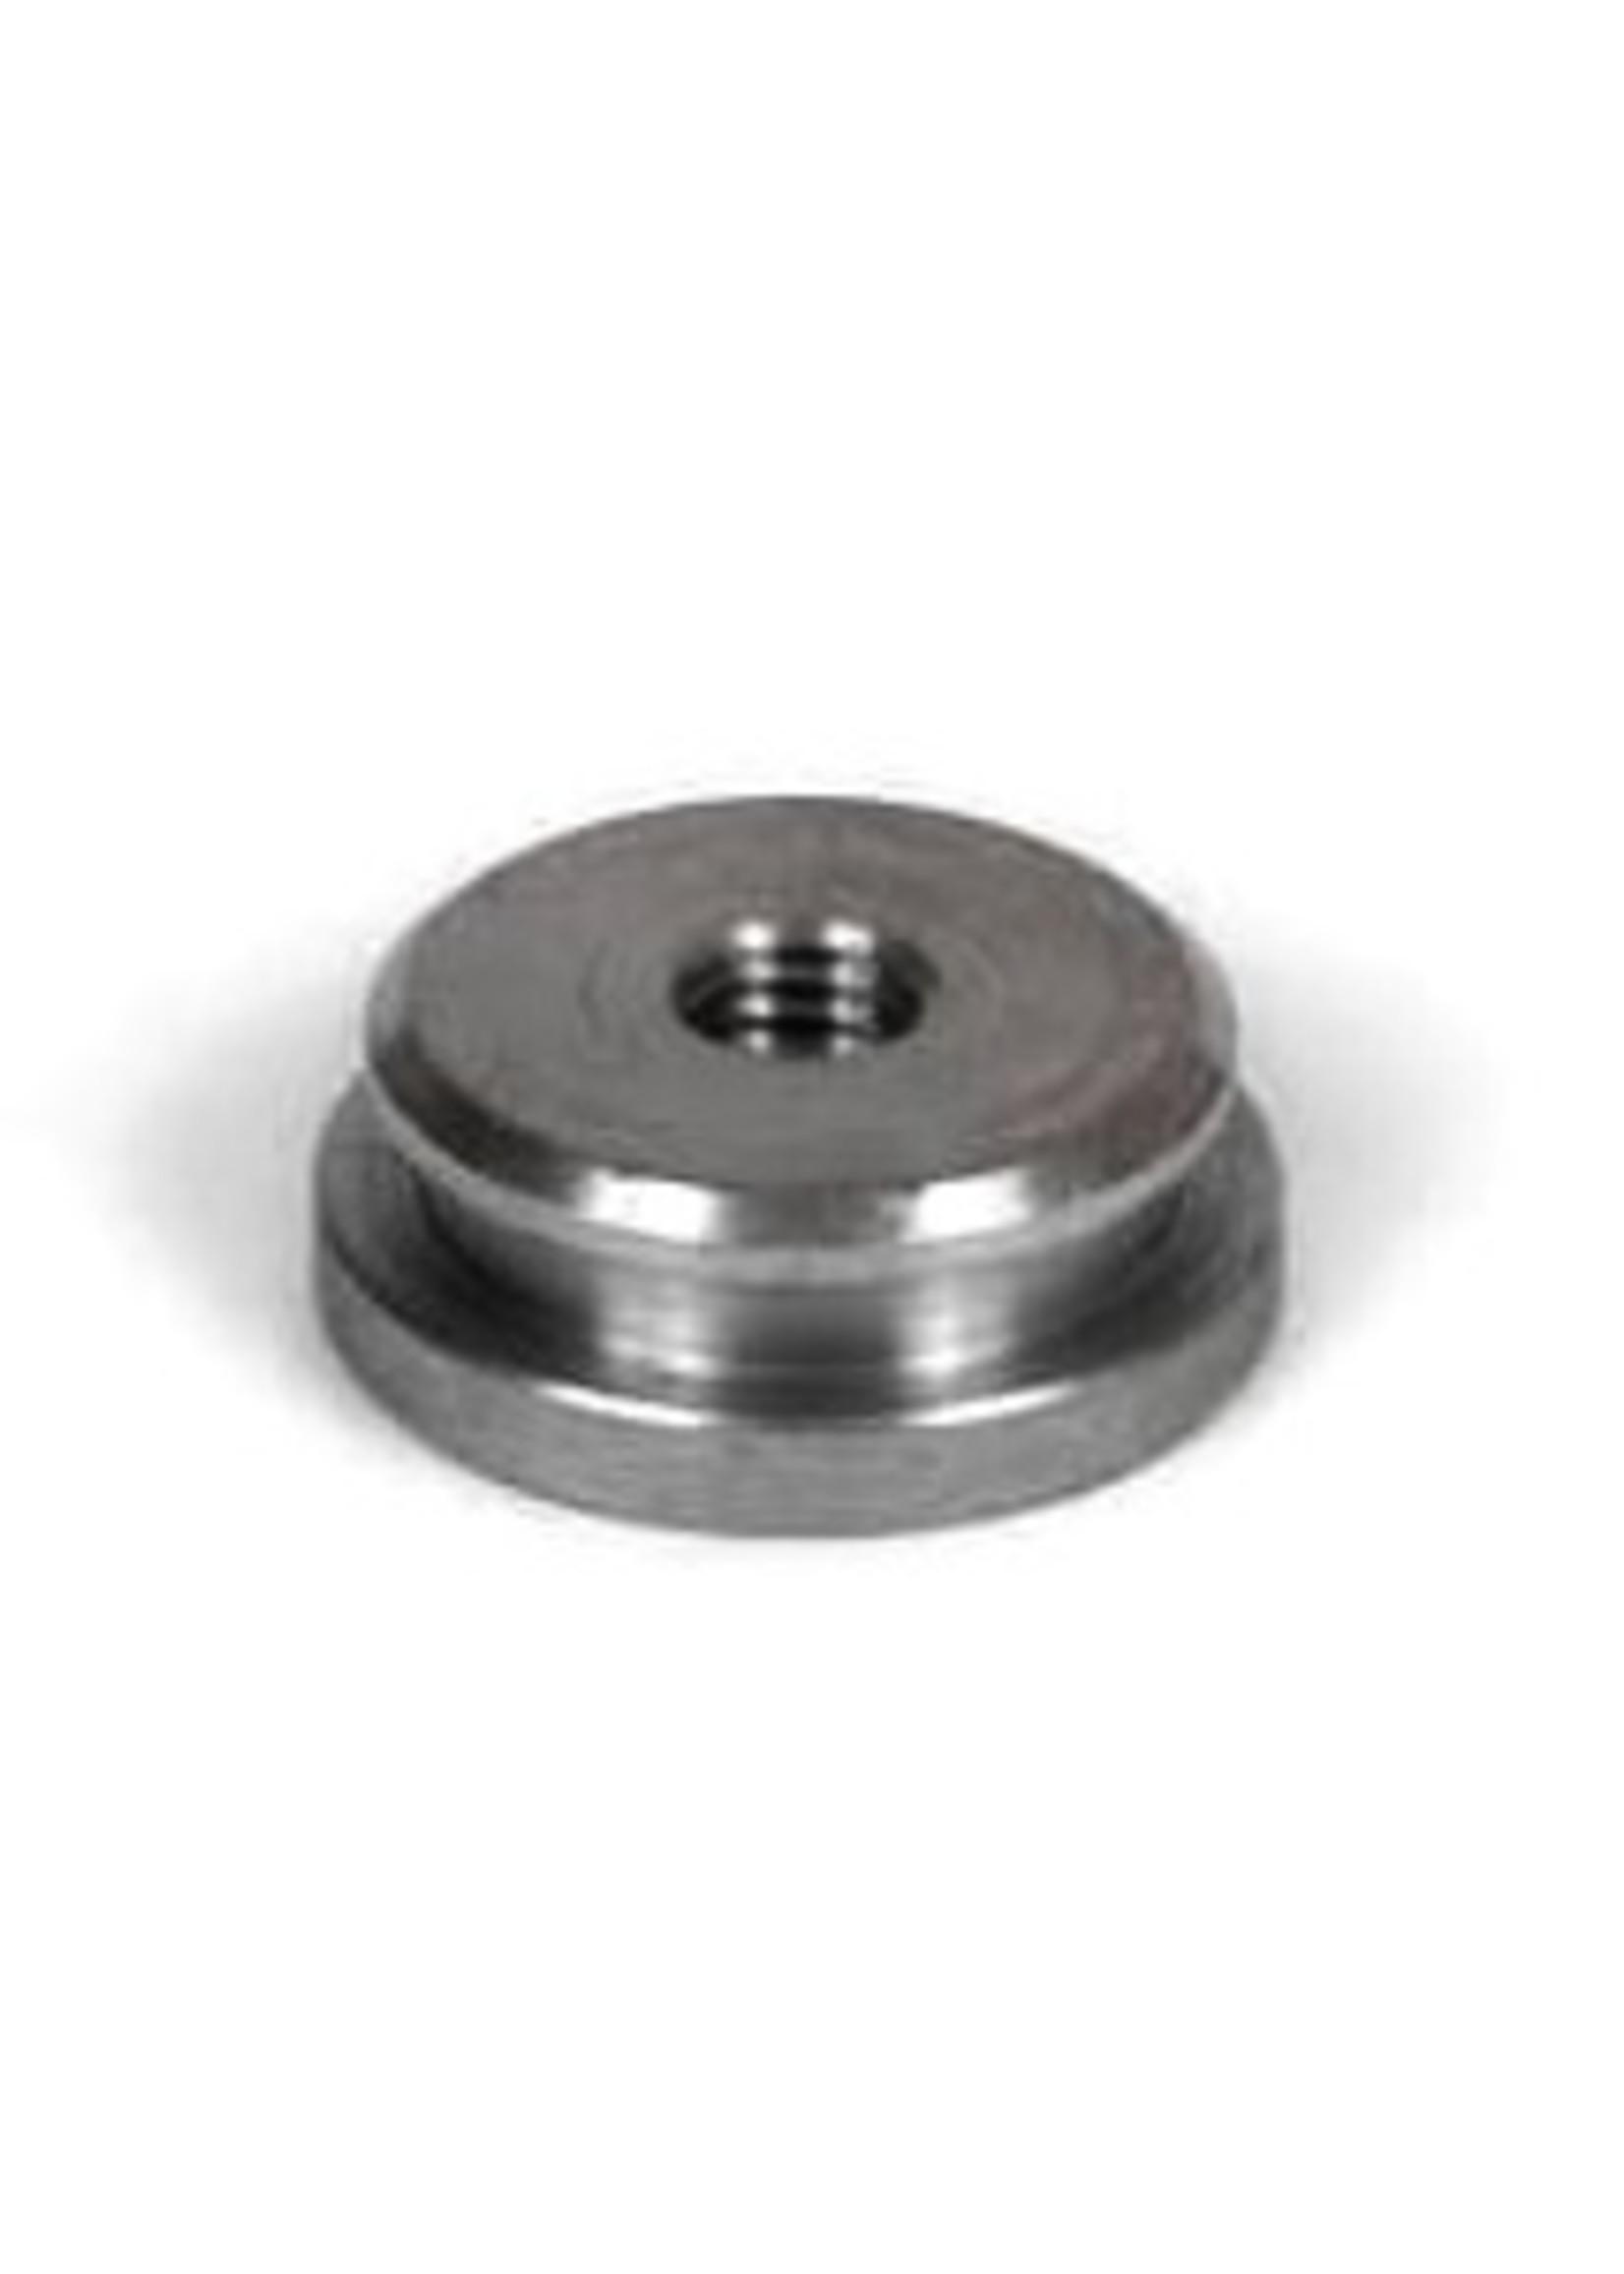 Weihrauch HW 30 Piston Seal Adapter 8621 & Screw 8960